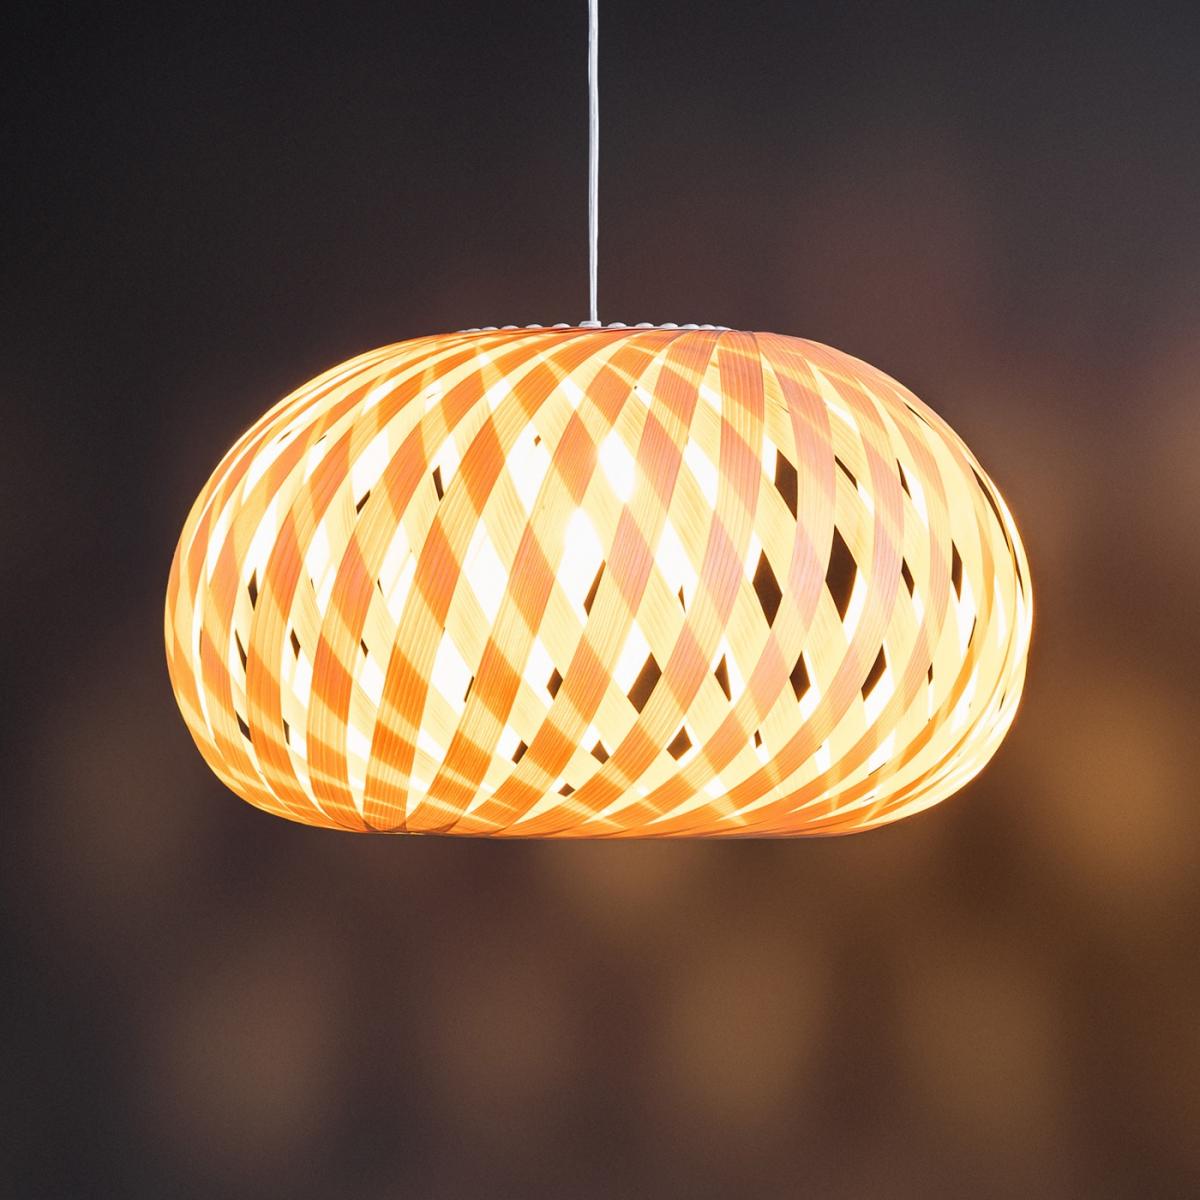 moderne furnier lampe. Black Bedroom Furniture Sets. Home Design Ideas